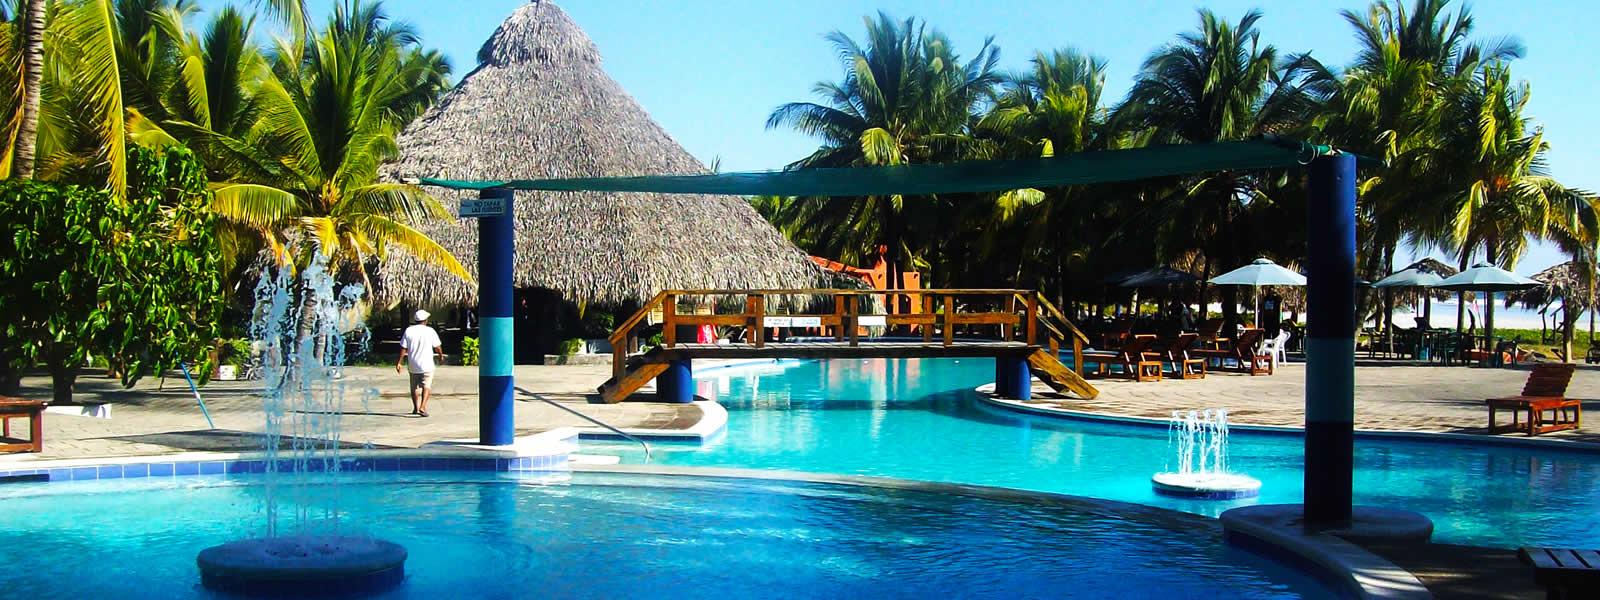 club joya del pacífico hotel costa del sol el salvador